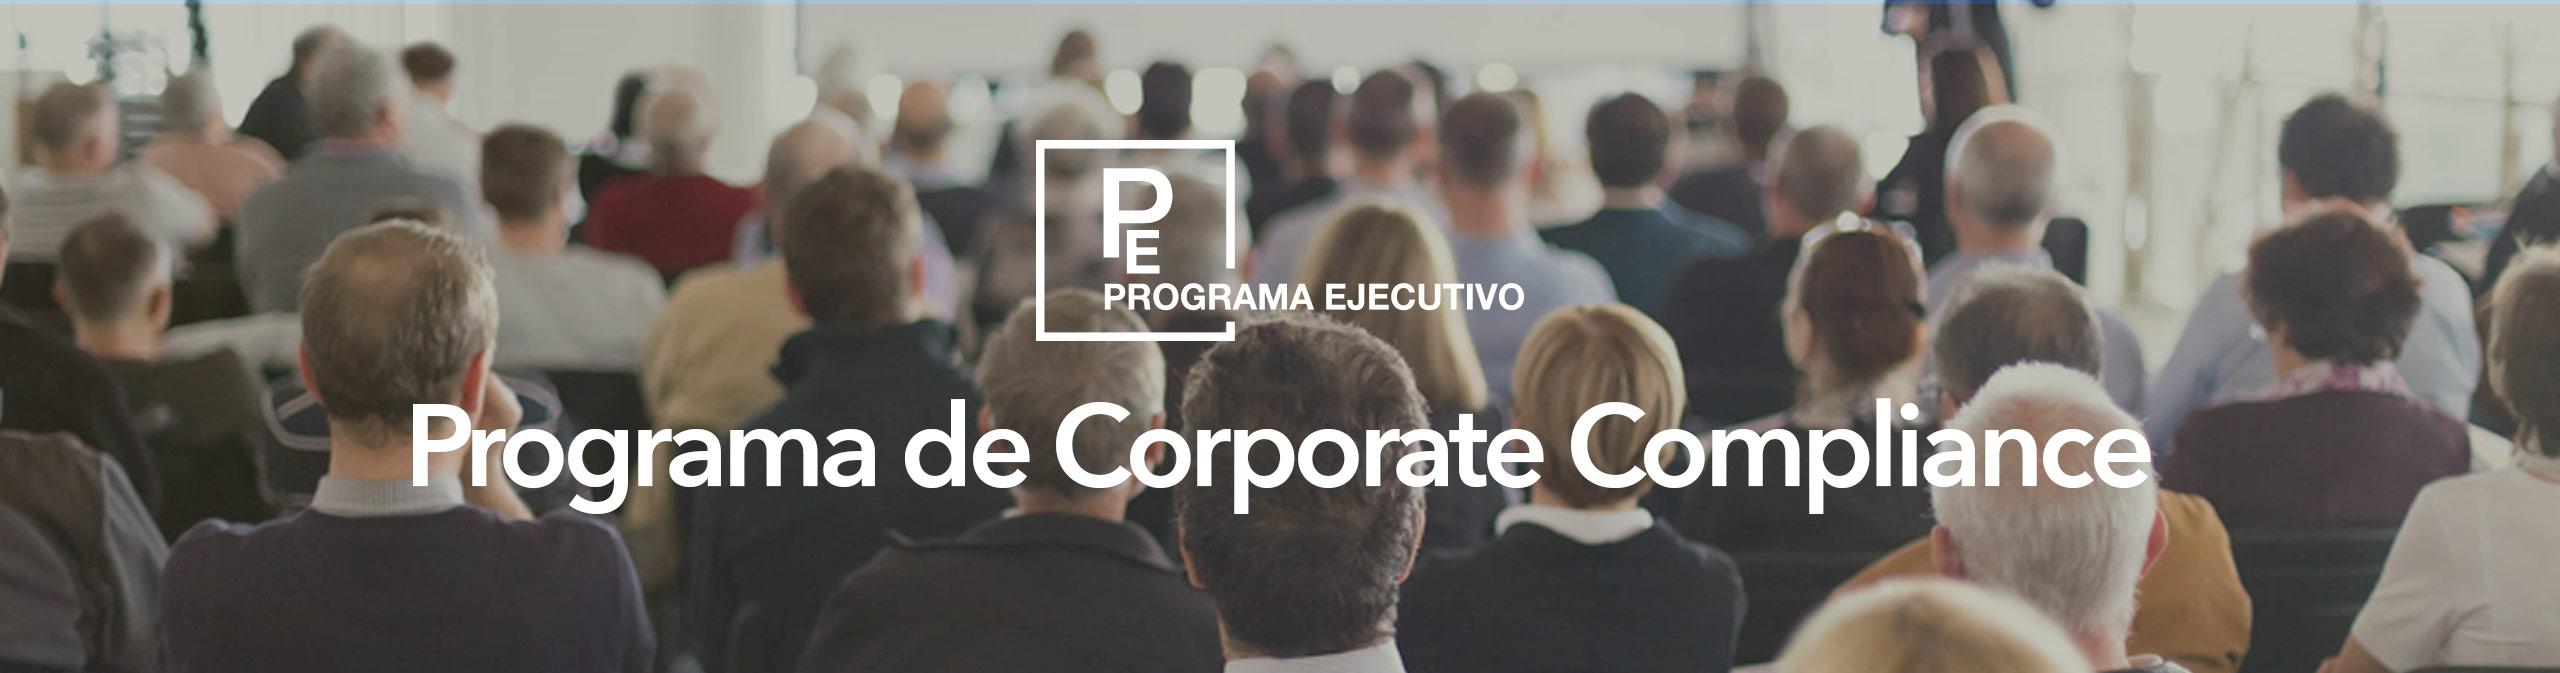 Programa Ejecutivo de Corporate Compliance